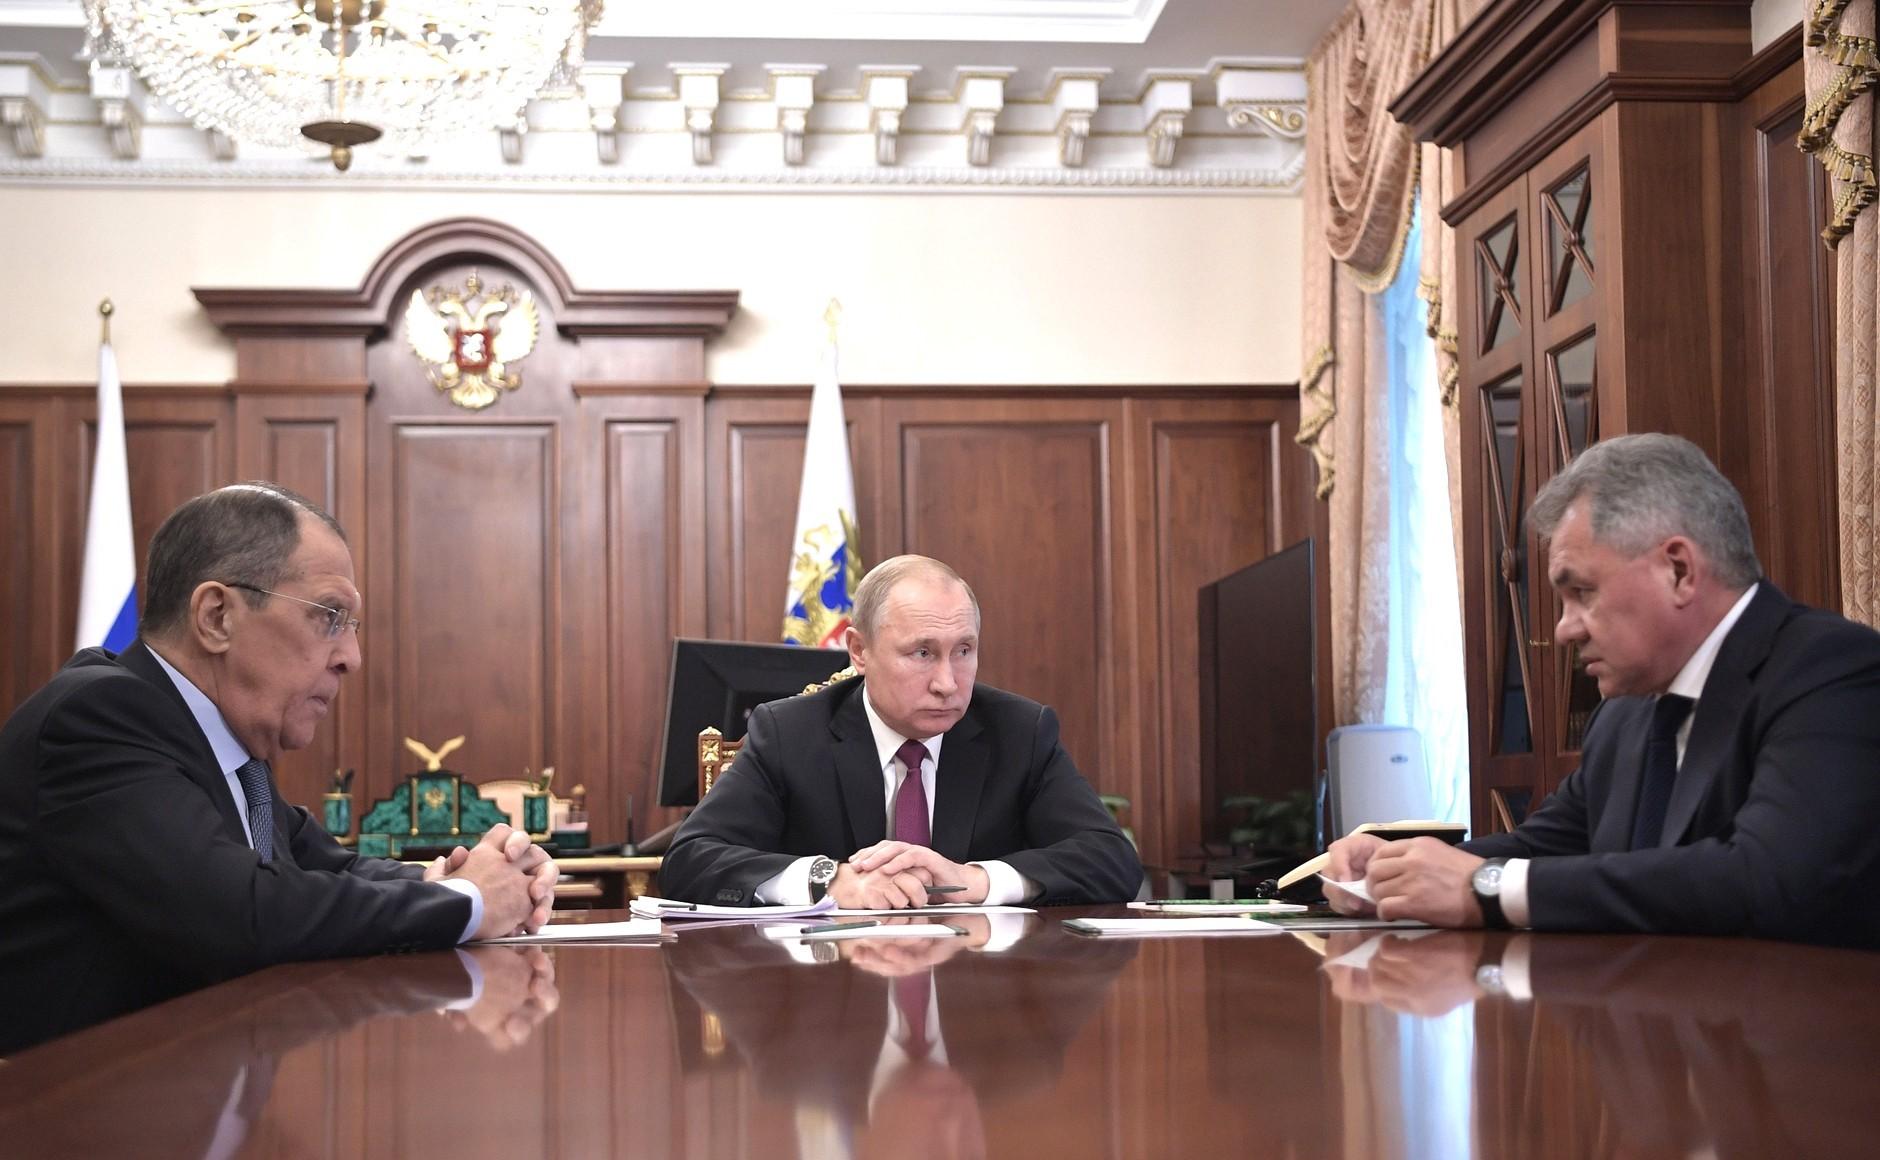 Szojgu za Miedwiediewa. Ostry wyborczy kurs Kremla